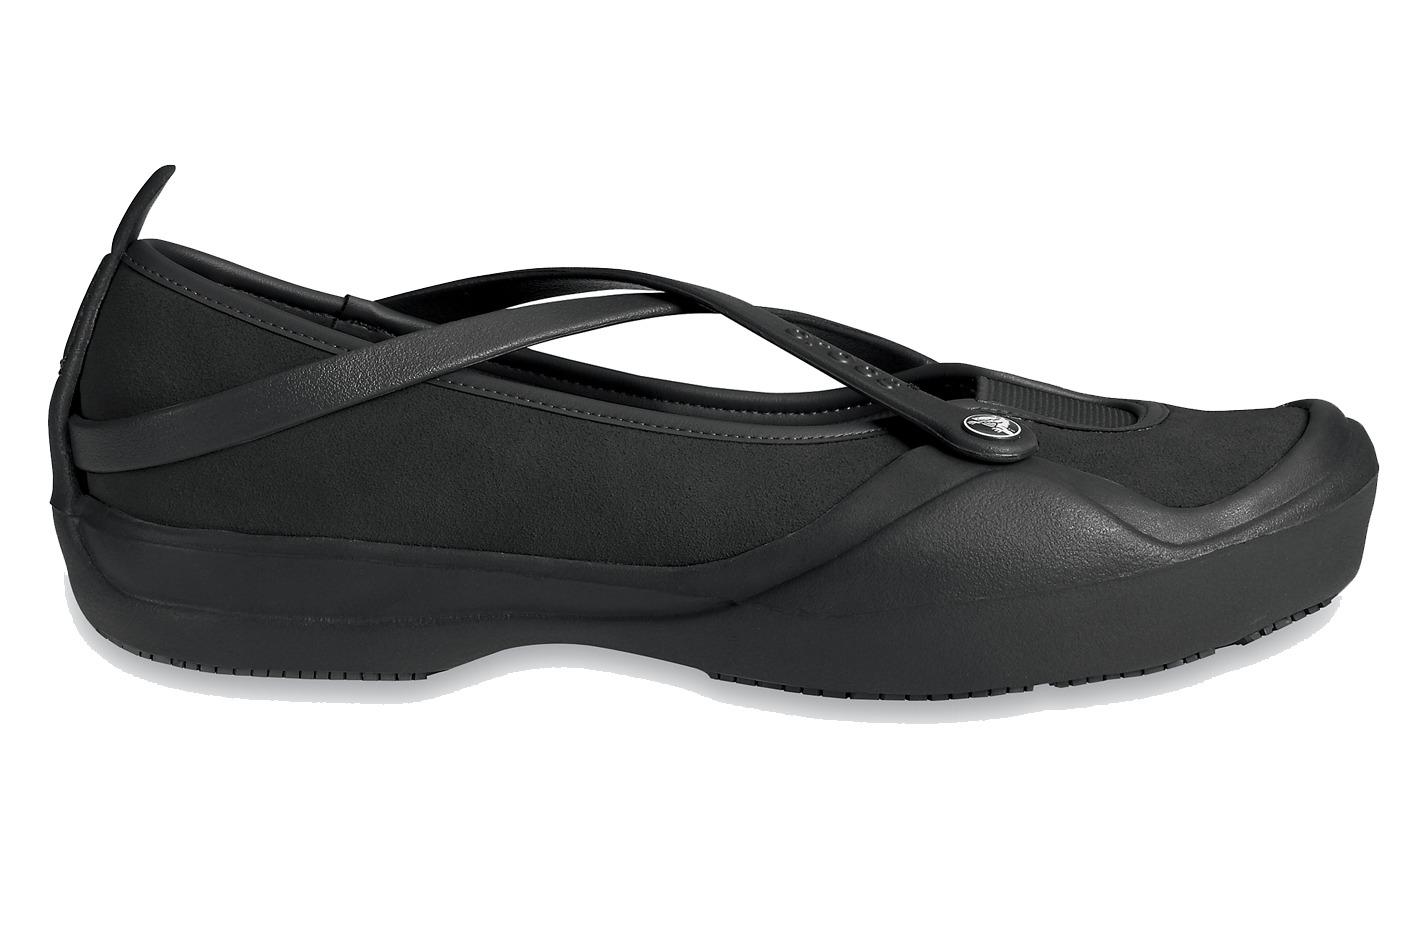 BALERINY CROCS CELESTE SUEDE 10064 BLACK-50% - czarny